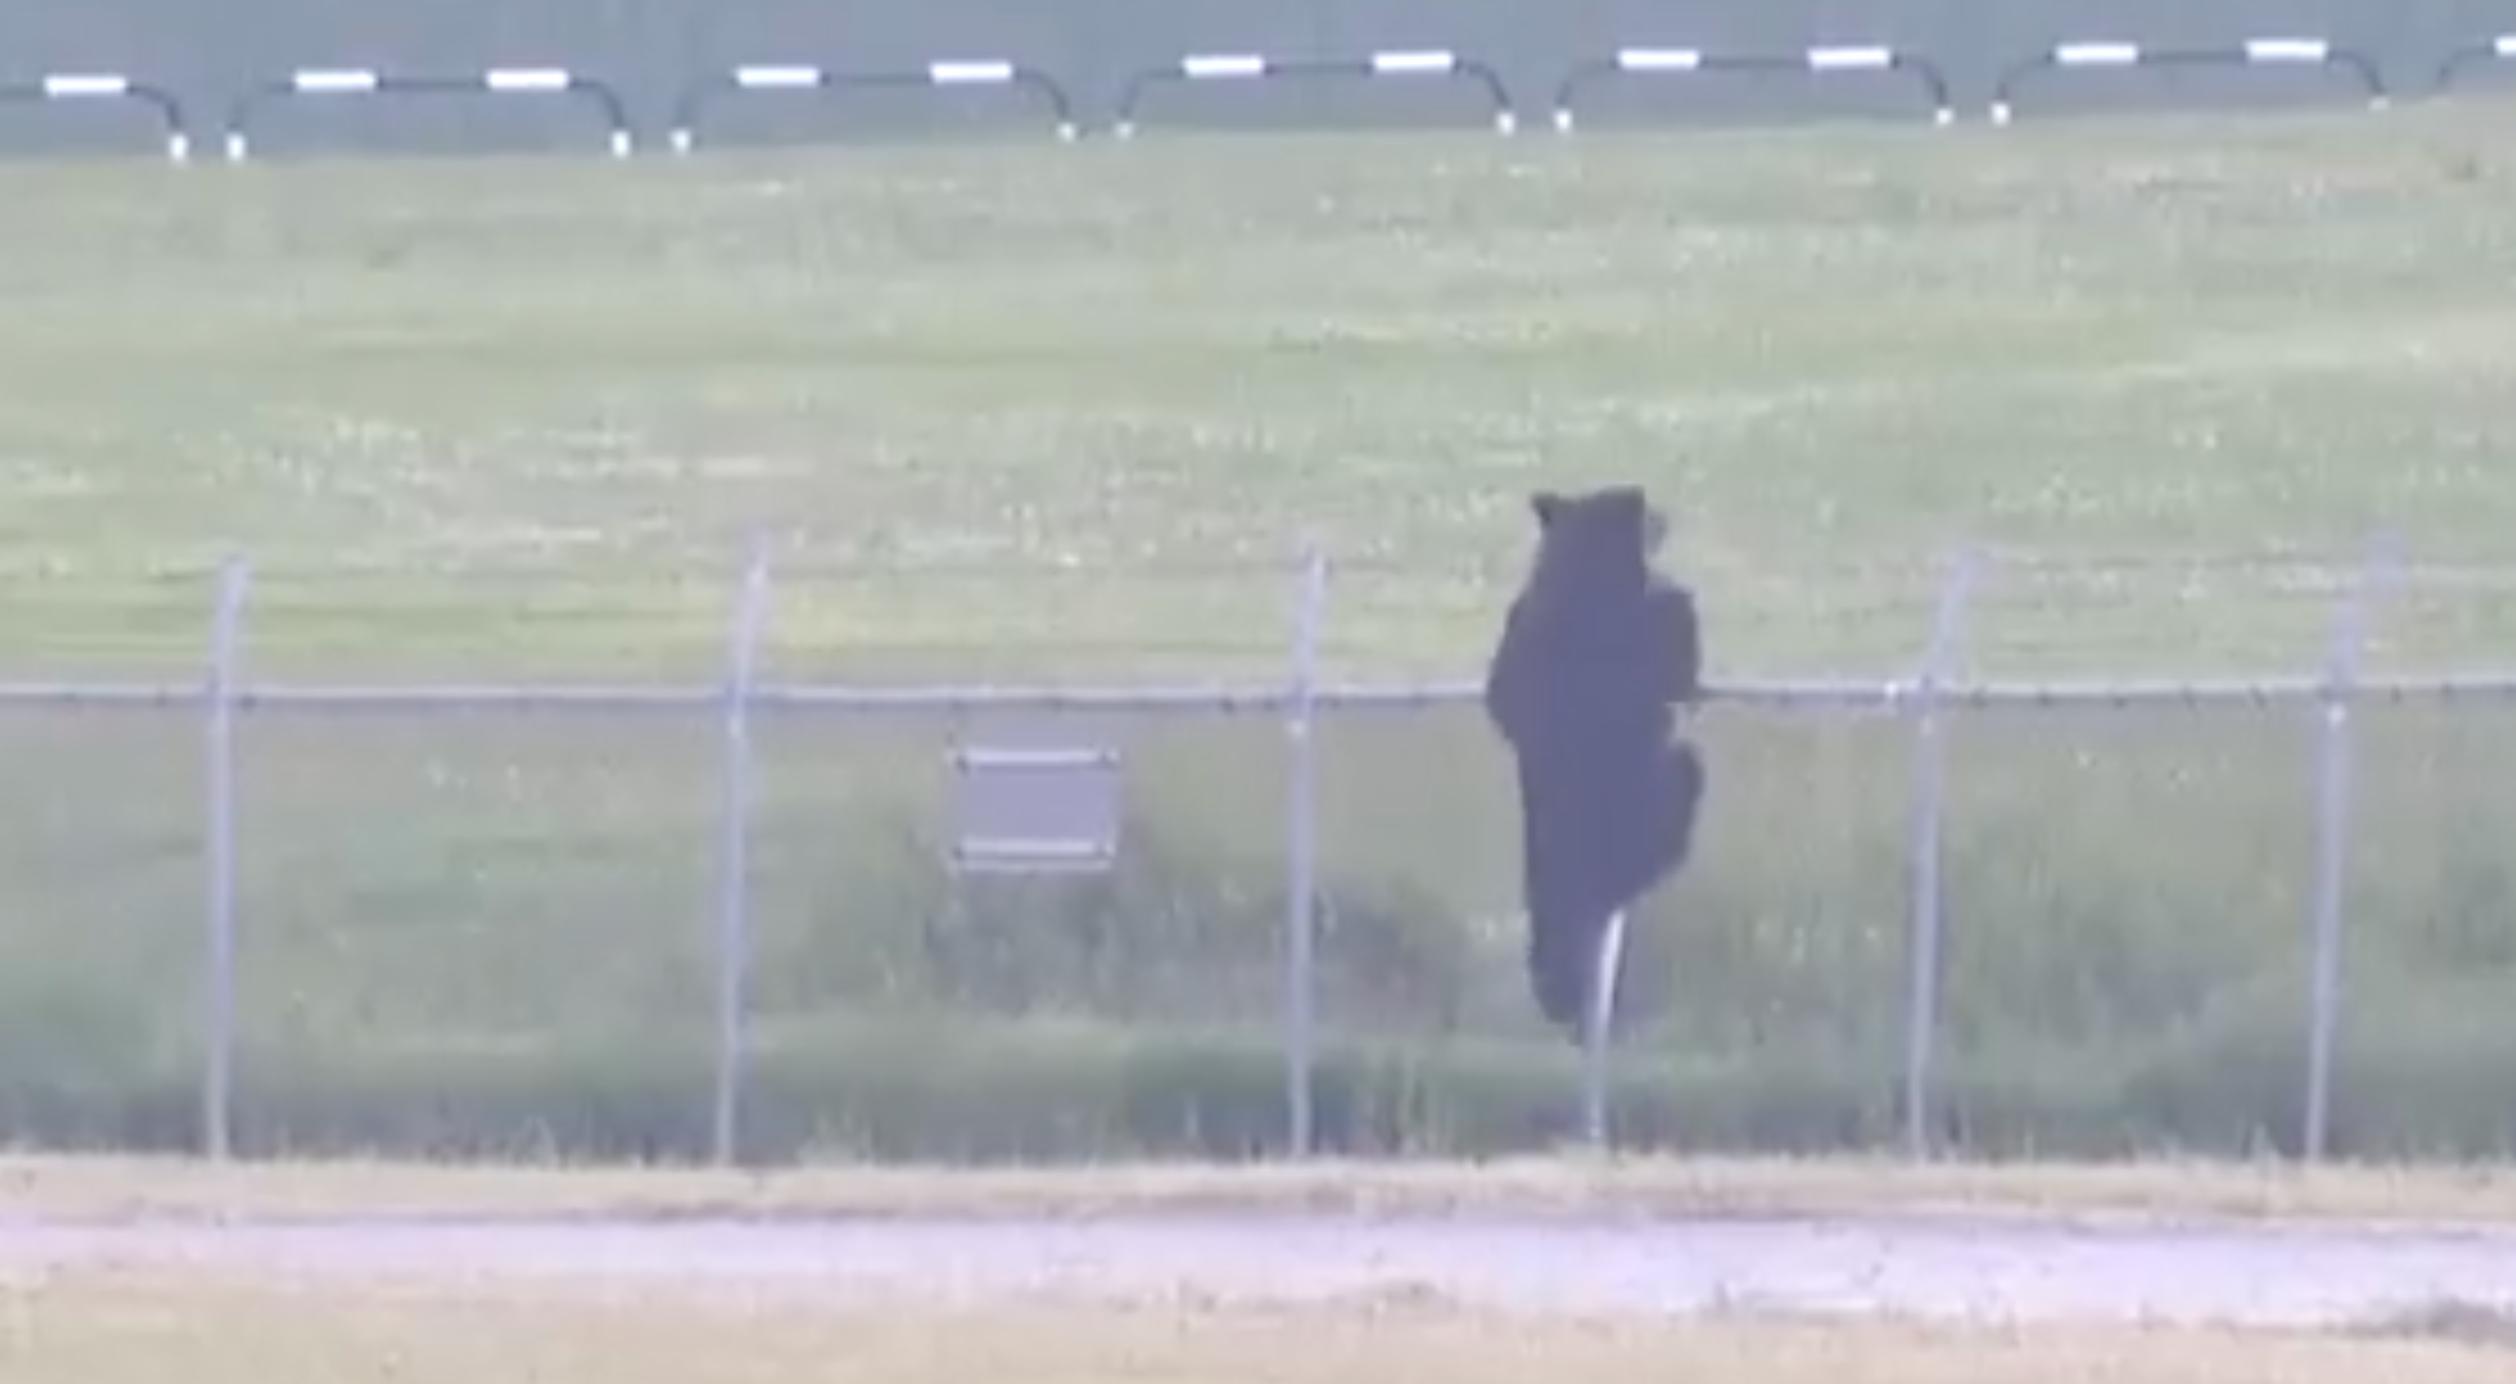 Agyonlőttek egy medvét Japánban, miután beszabadult egy katonai bázisra